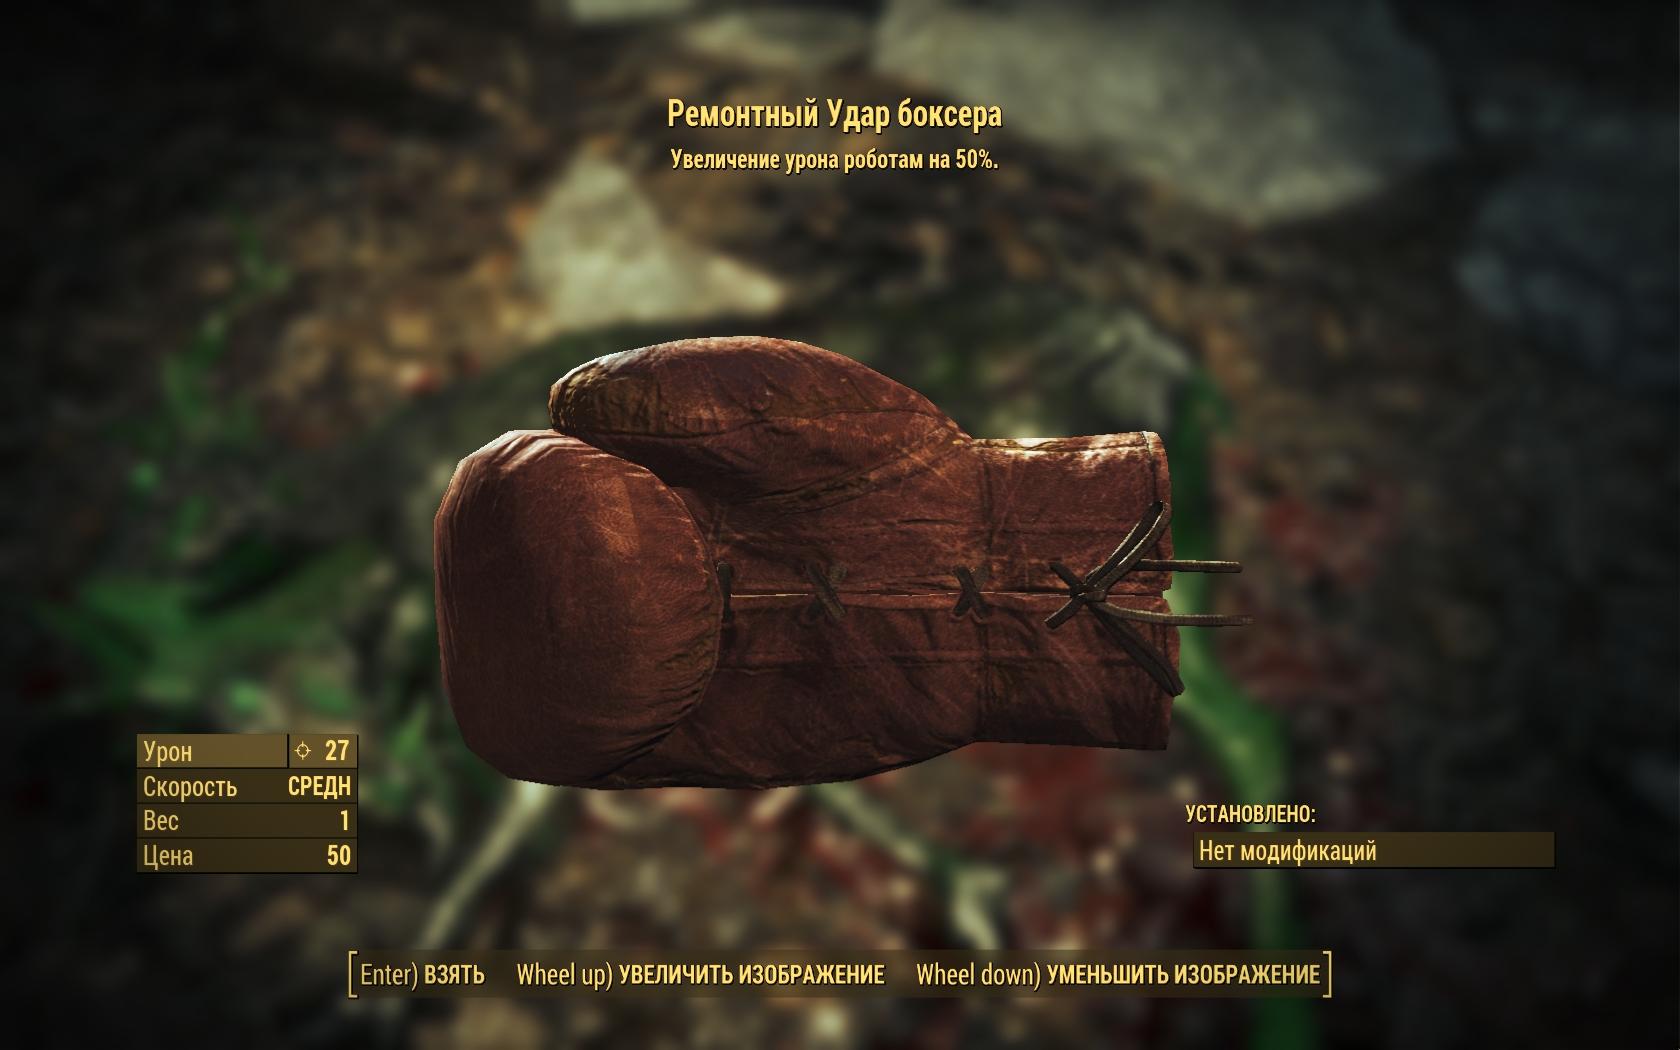 Ремонтный удар боксёра - Fallout 4 Оружие, Ремонтный, удар боксёра